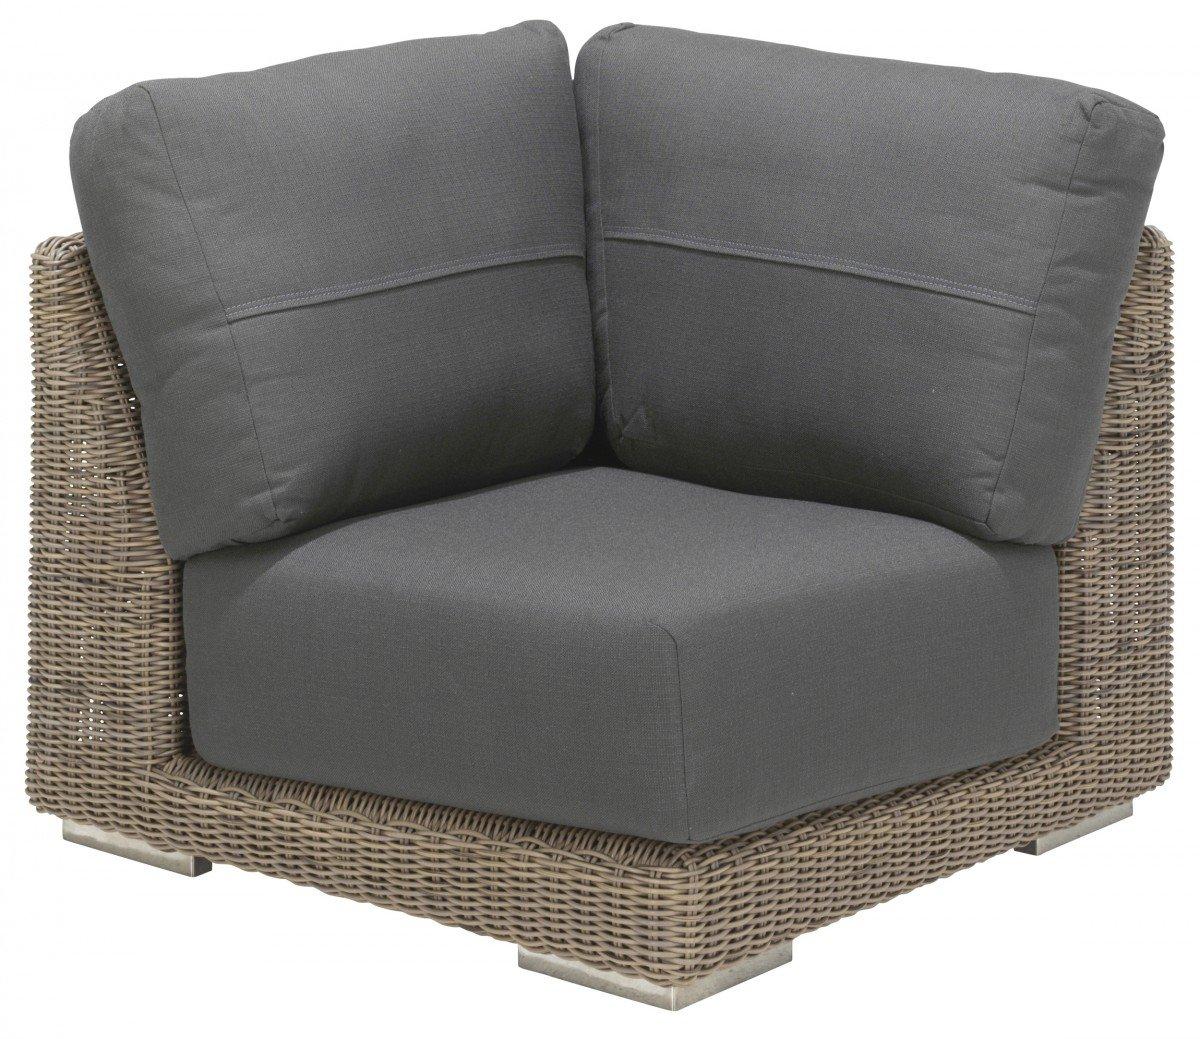 Hularo Serie Pure Loungemodul Eckmodul Kingston